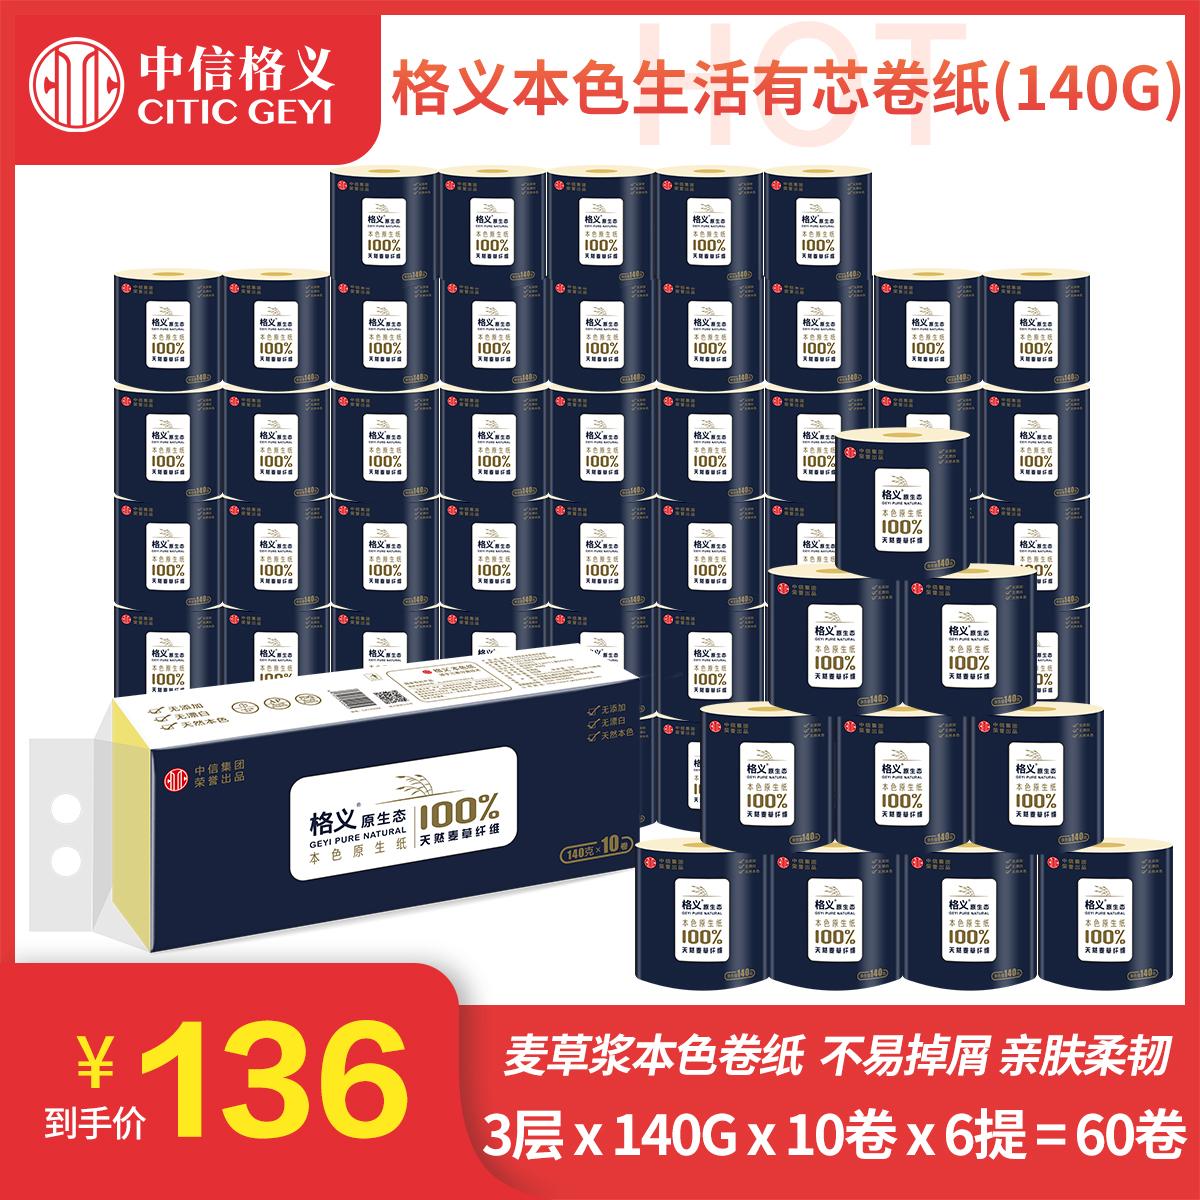 中信格义天然本色140g有芯卷纸超韧3层10卷*6提 60卷整箱实惠家庭装 中规格